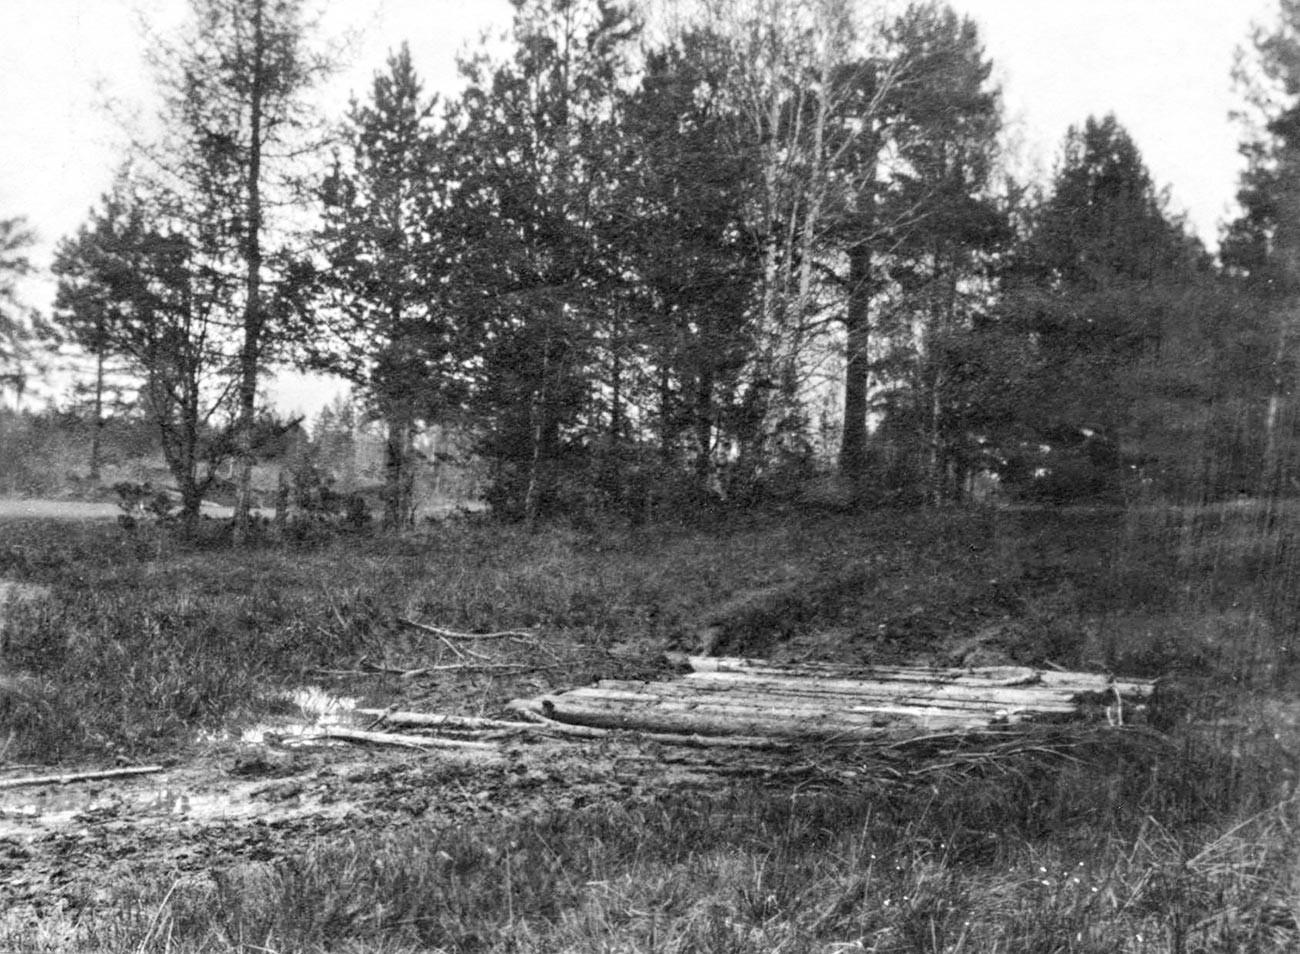 Porosyonkov log. Makam Nikolay II, keluarganya, dan para pelayannya di Jalan Koptyaki di bawah batang-batang pohon dan bantalan rel.